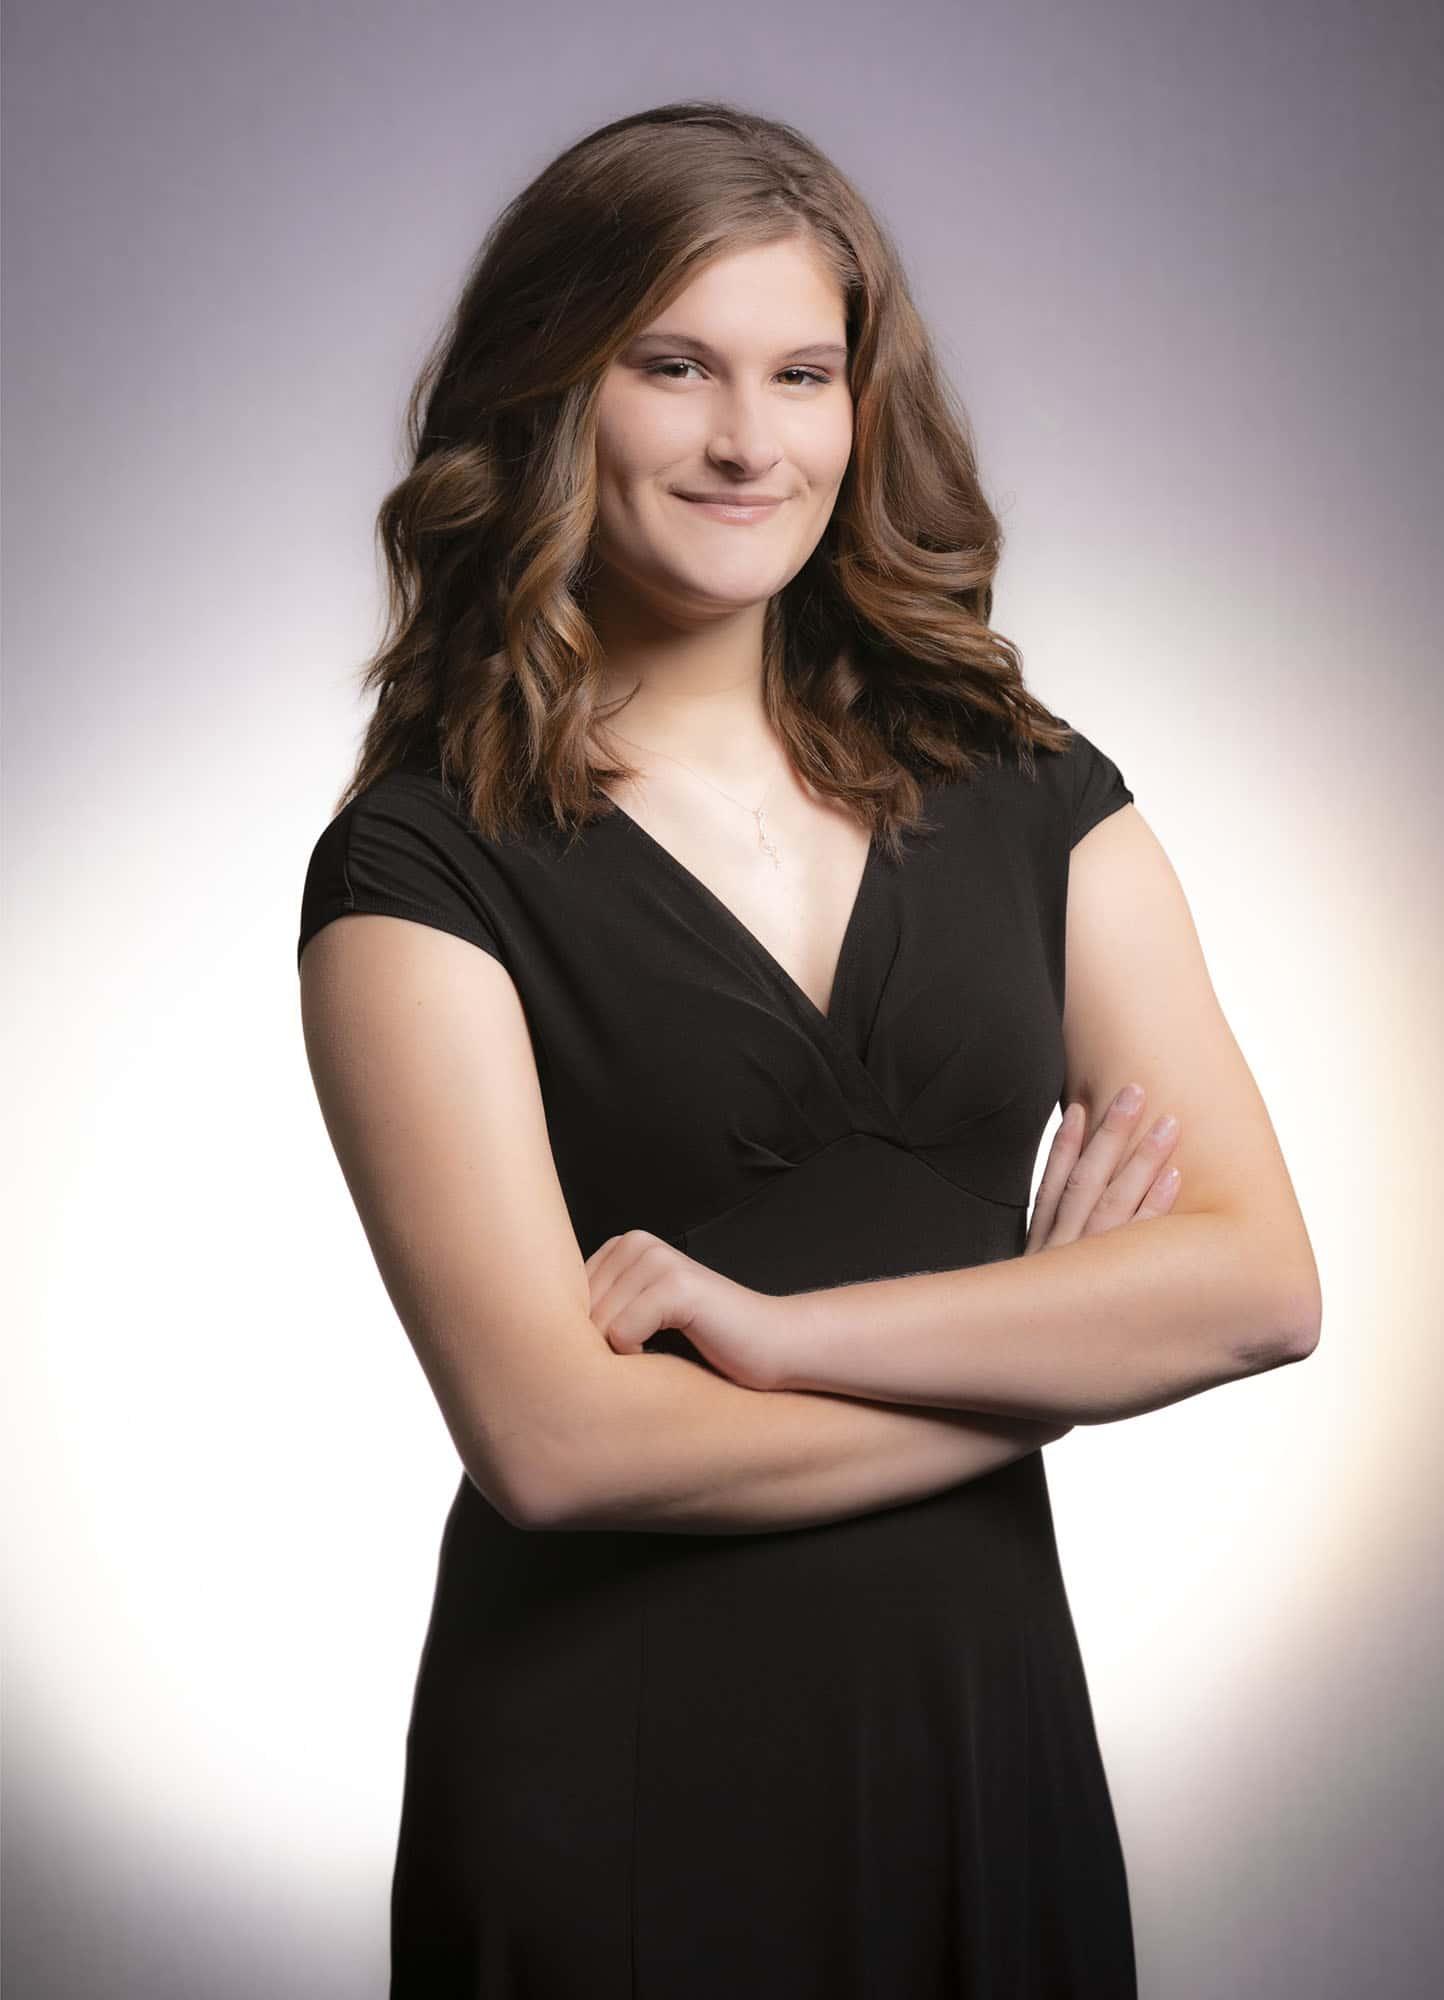 Katie Walpole